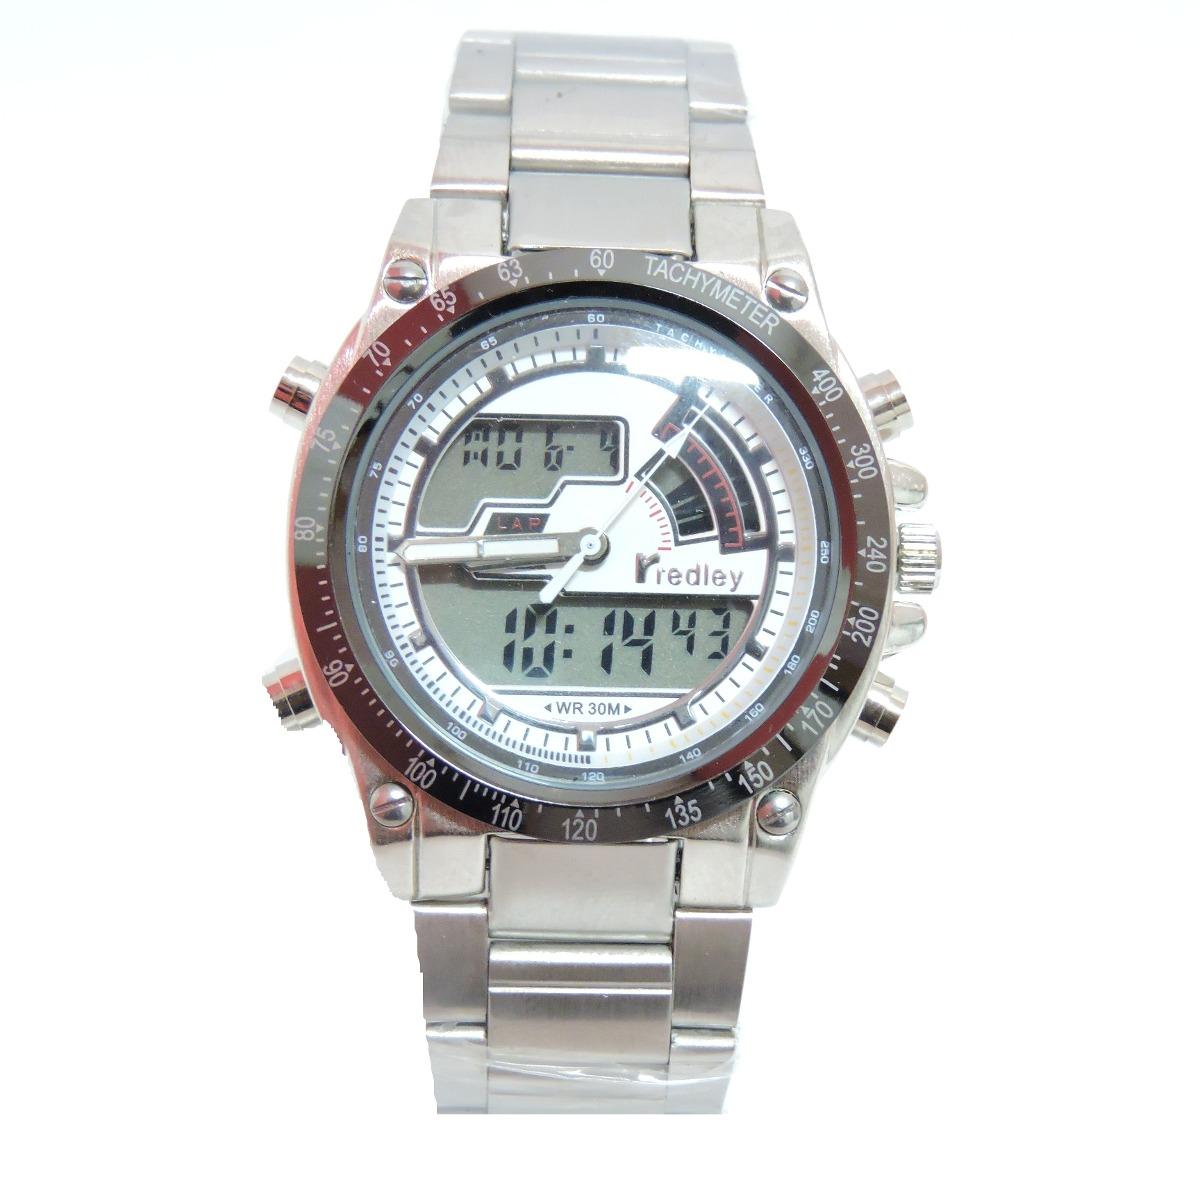 72d95f7206e Relógio Masculino Original Redley 2000g Prata E Branco - R  89